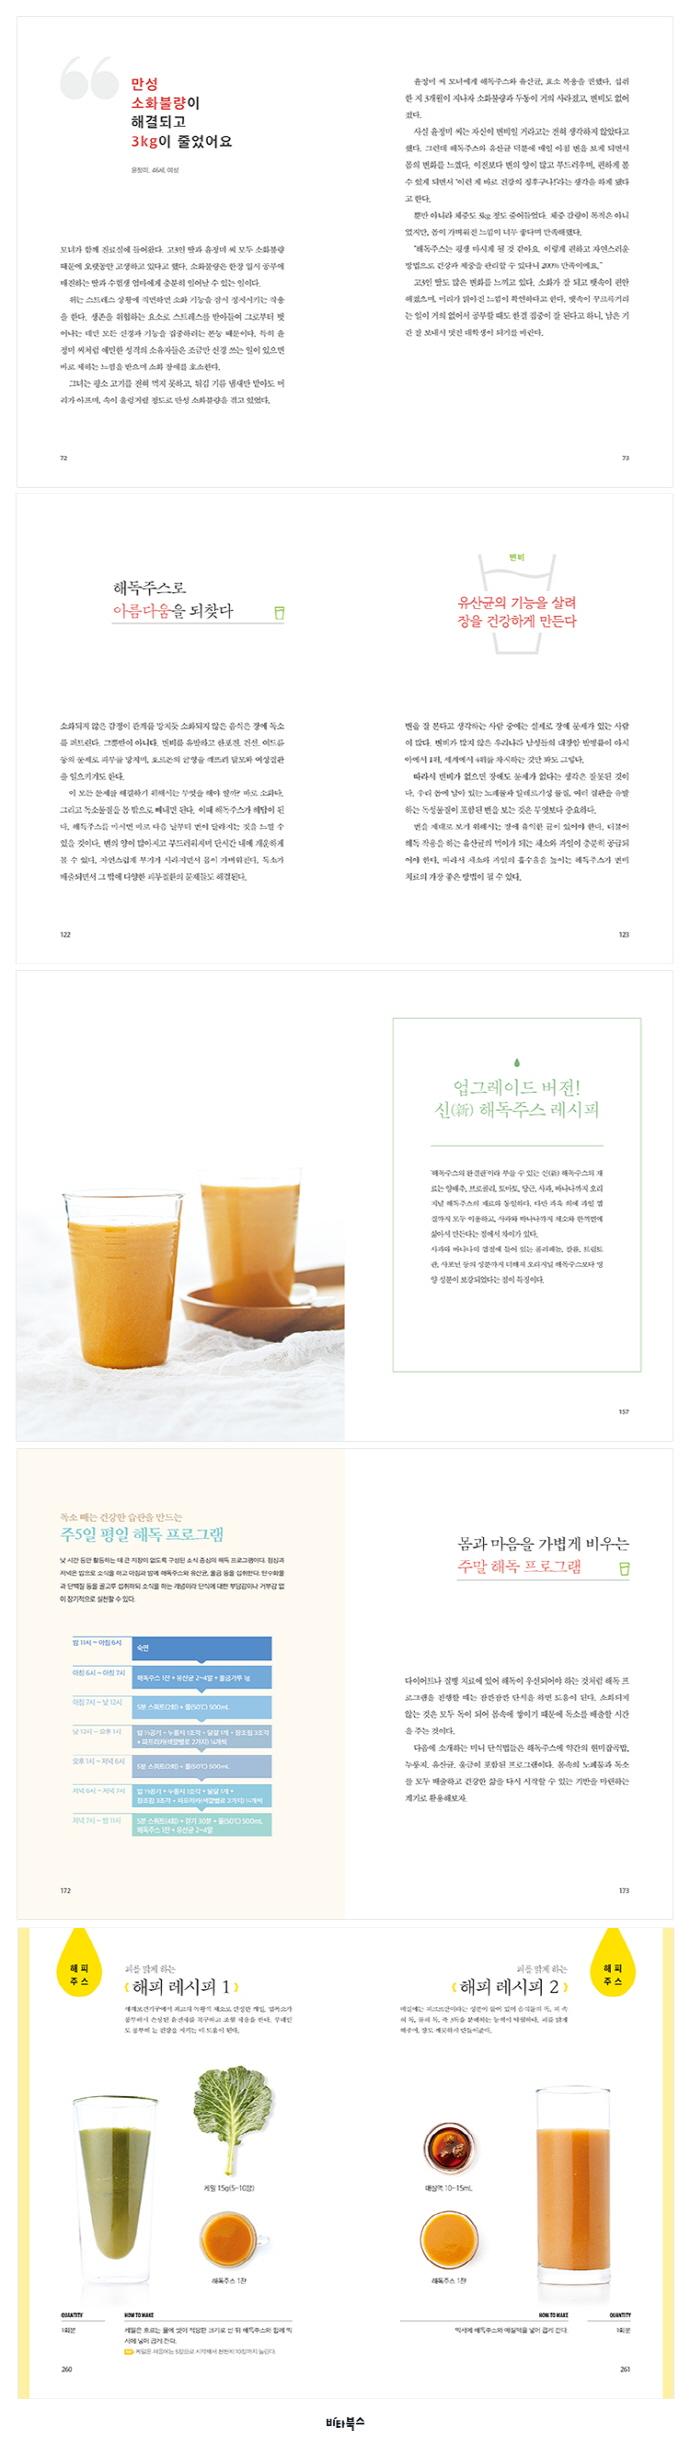 서재걸의 New 해독주스 도서 상세이미지